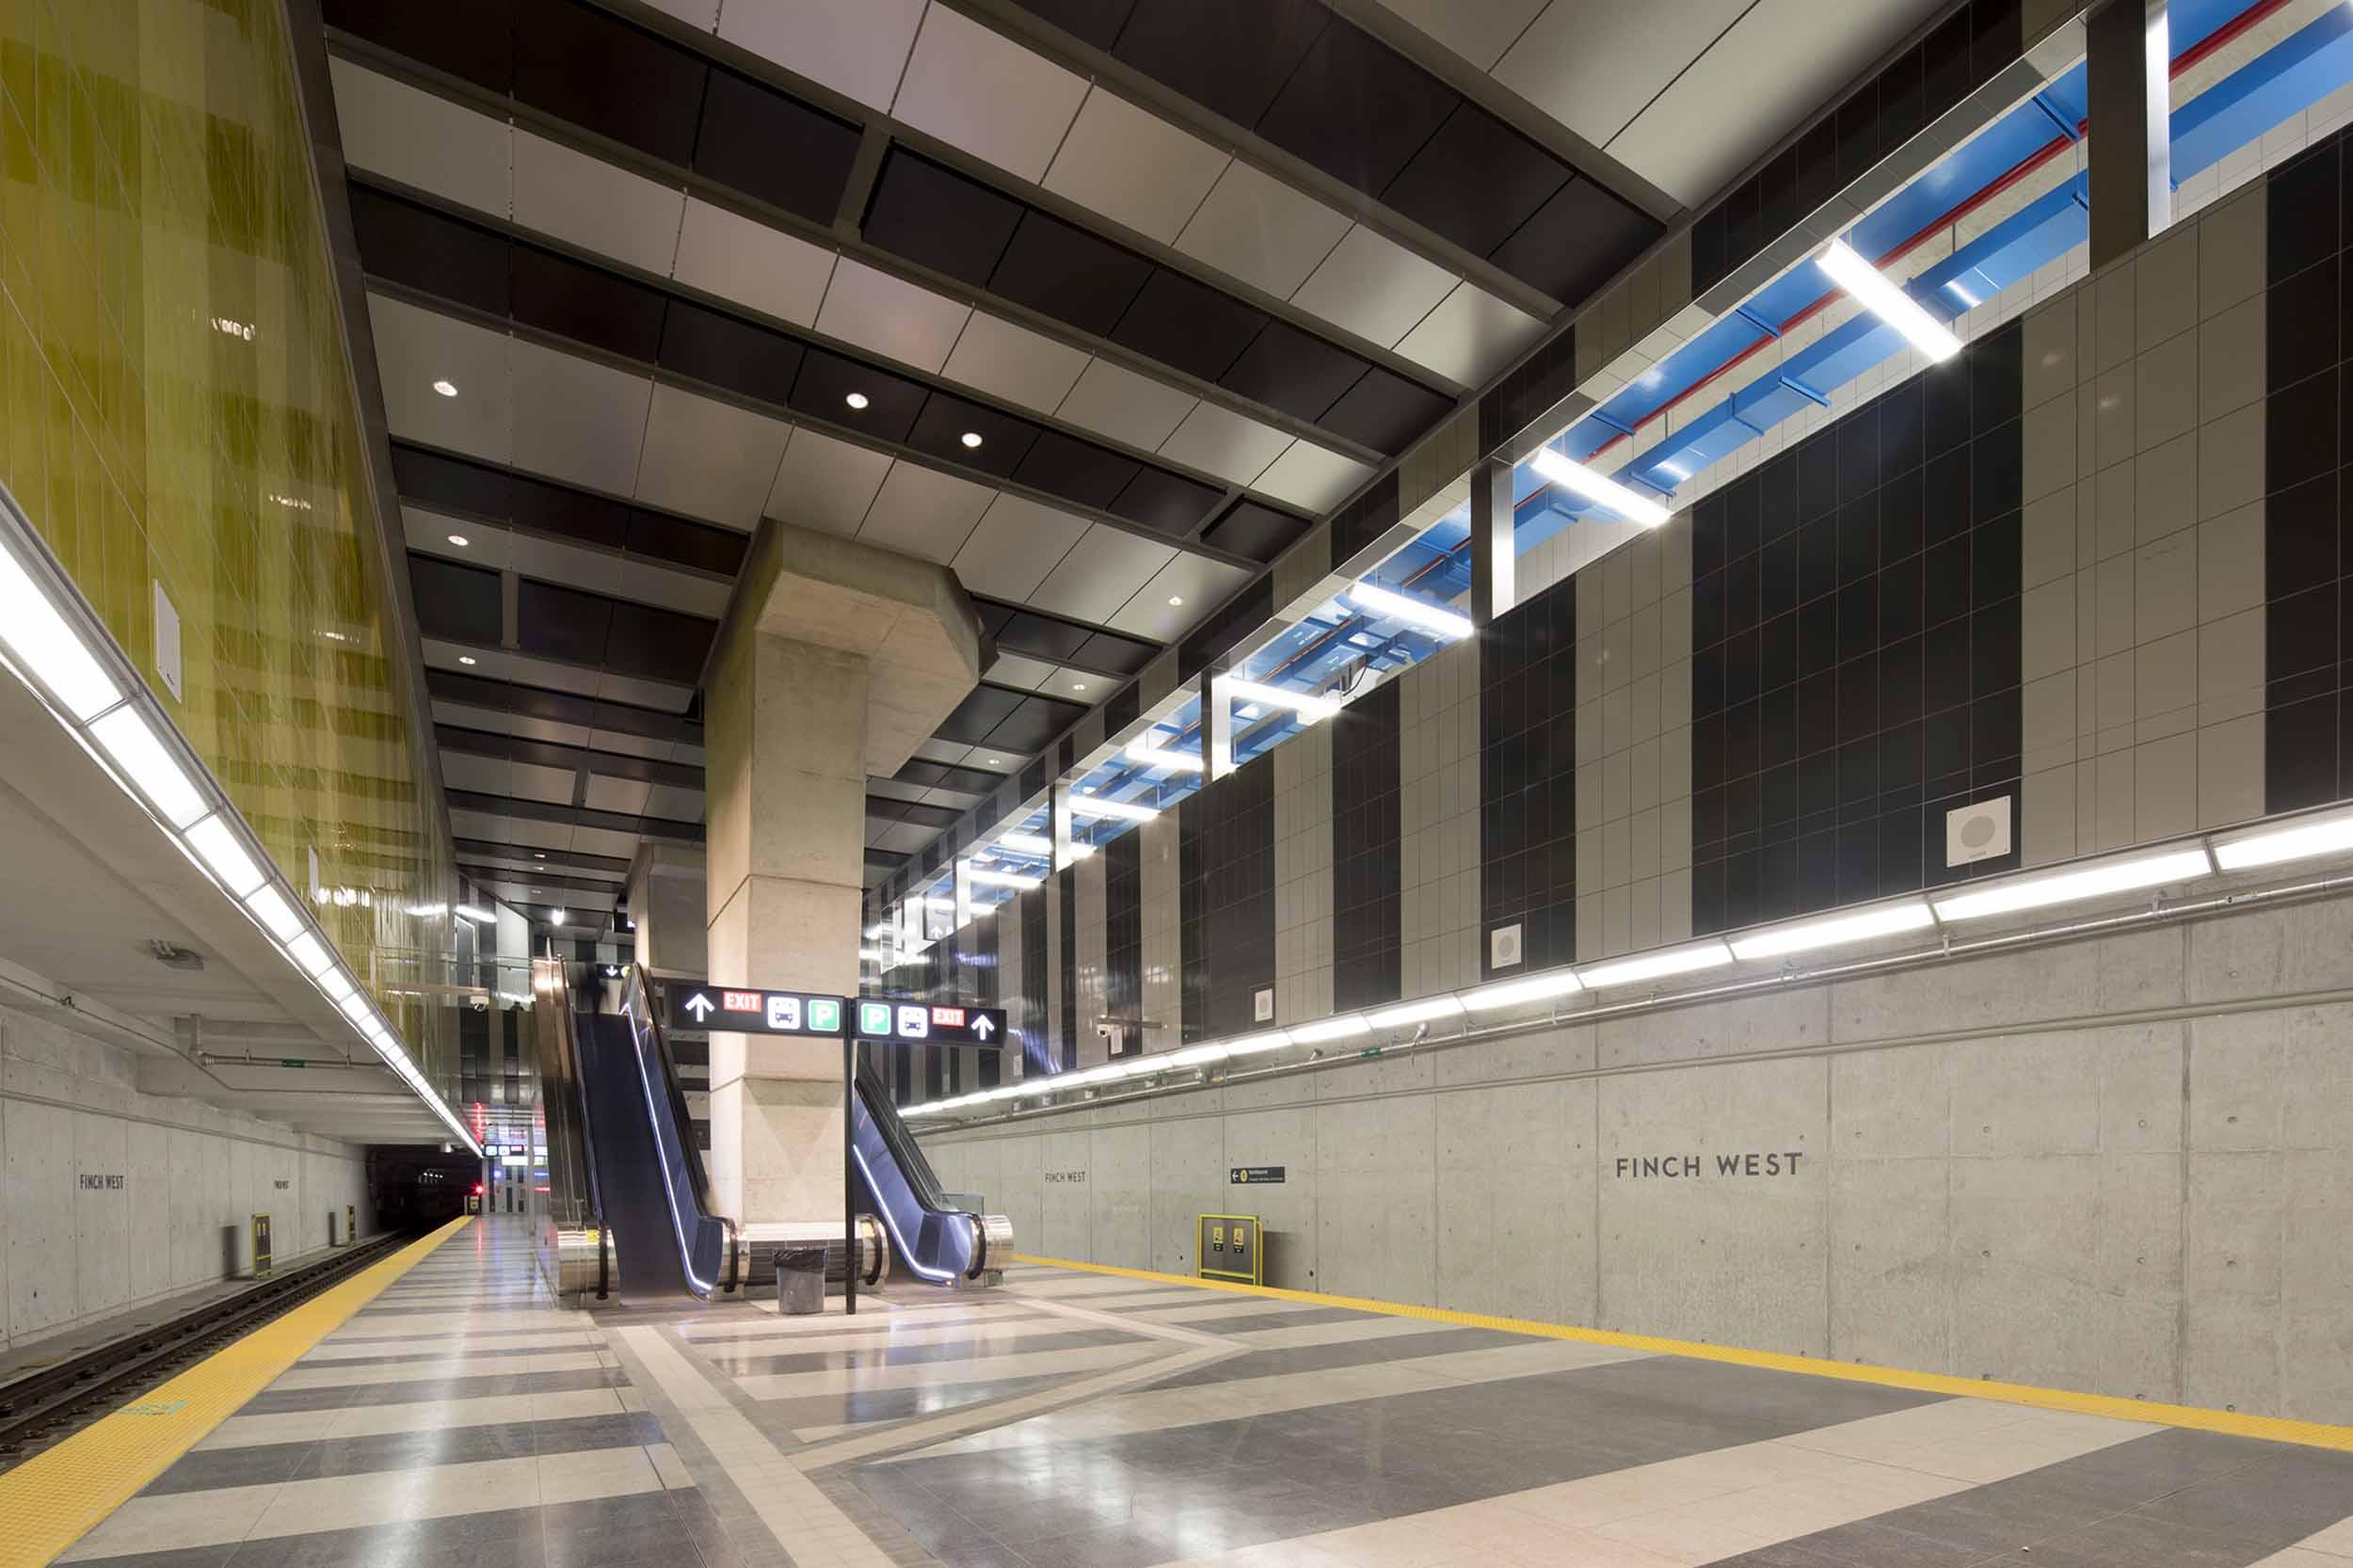 Finch West Station Interior Design